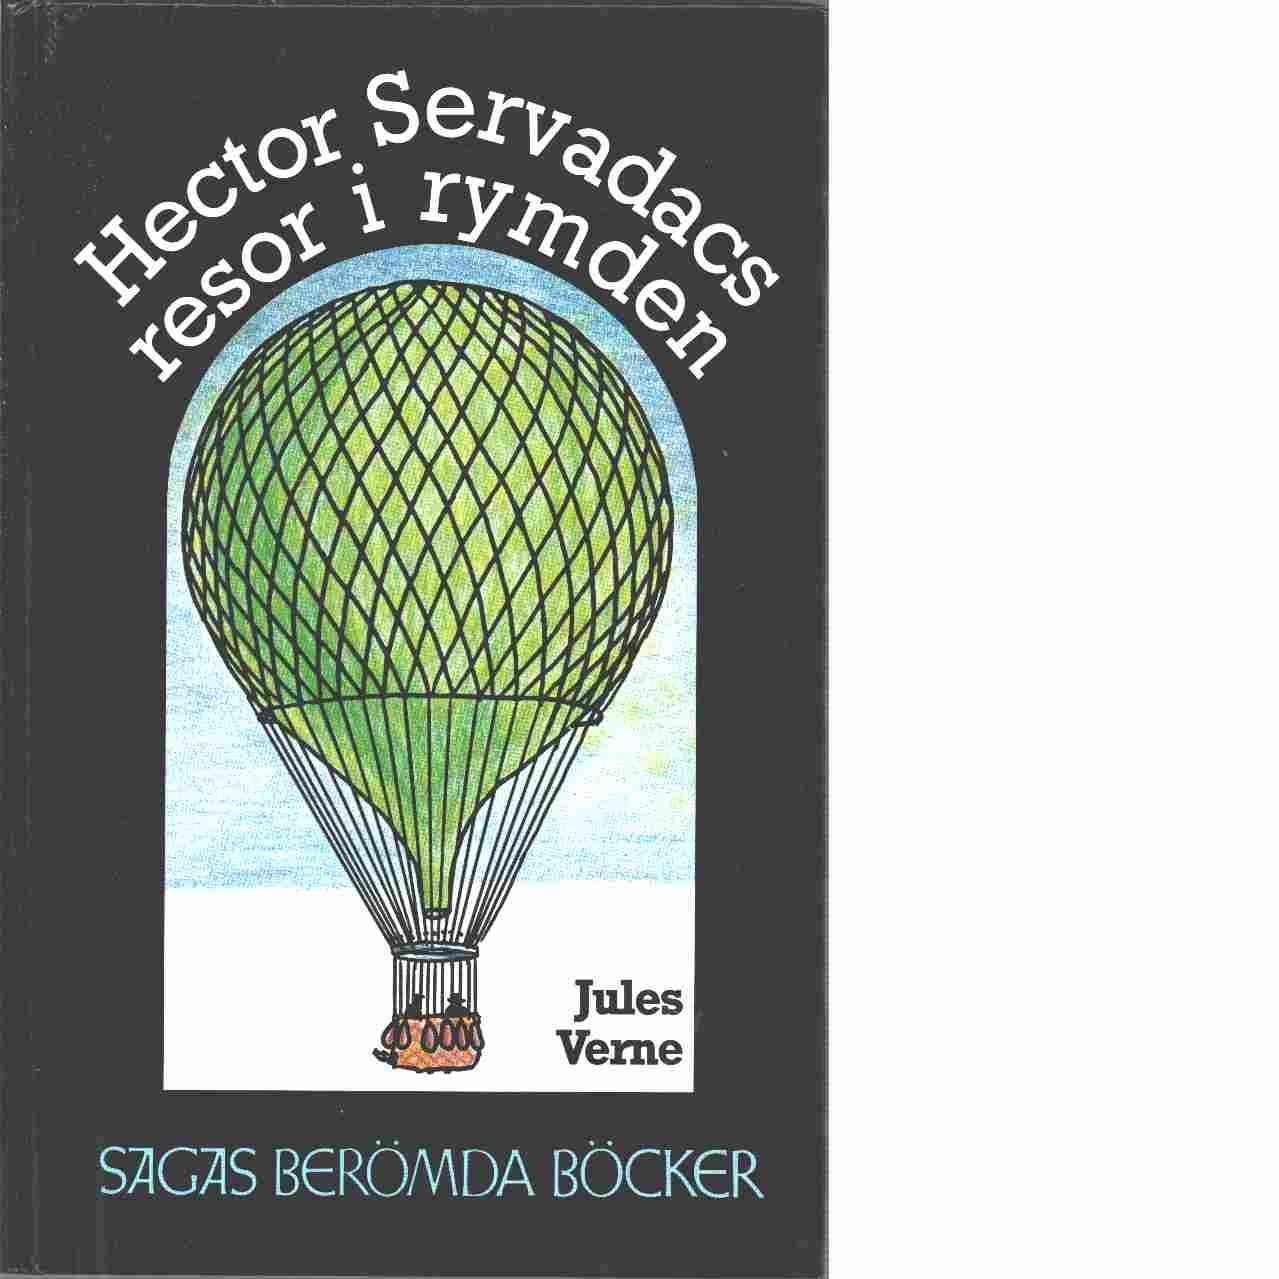 Hector Servadacs resor i rymden - Verne, Jules